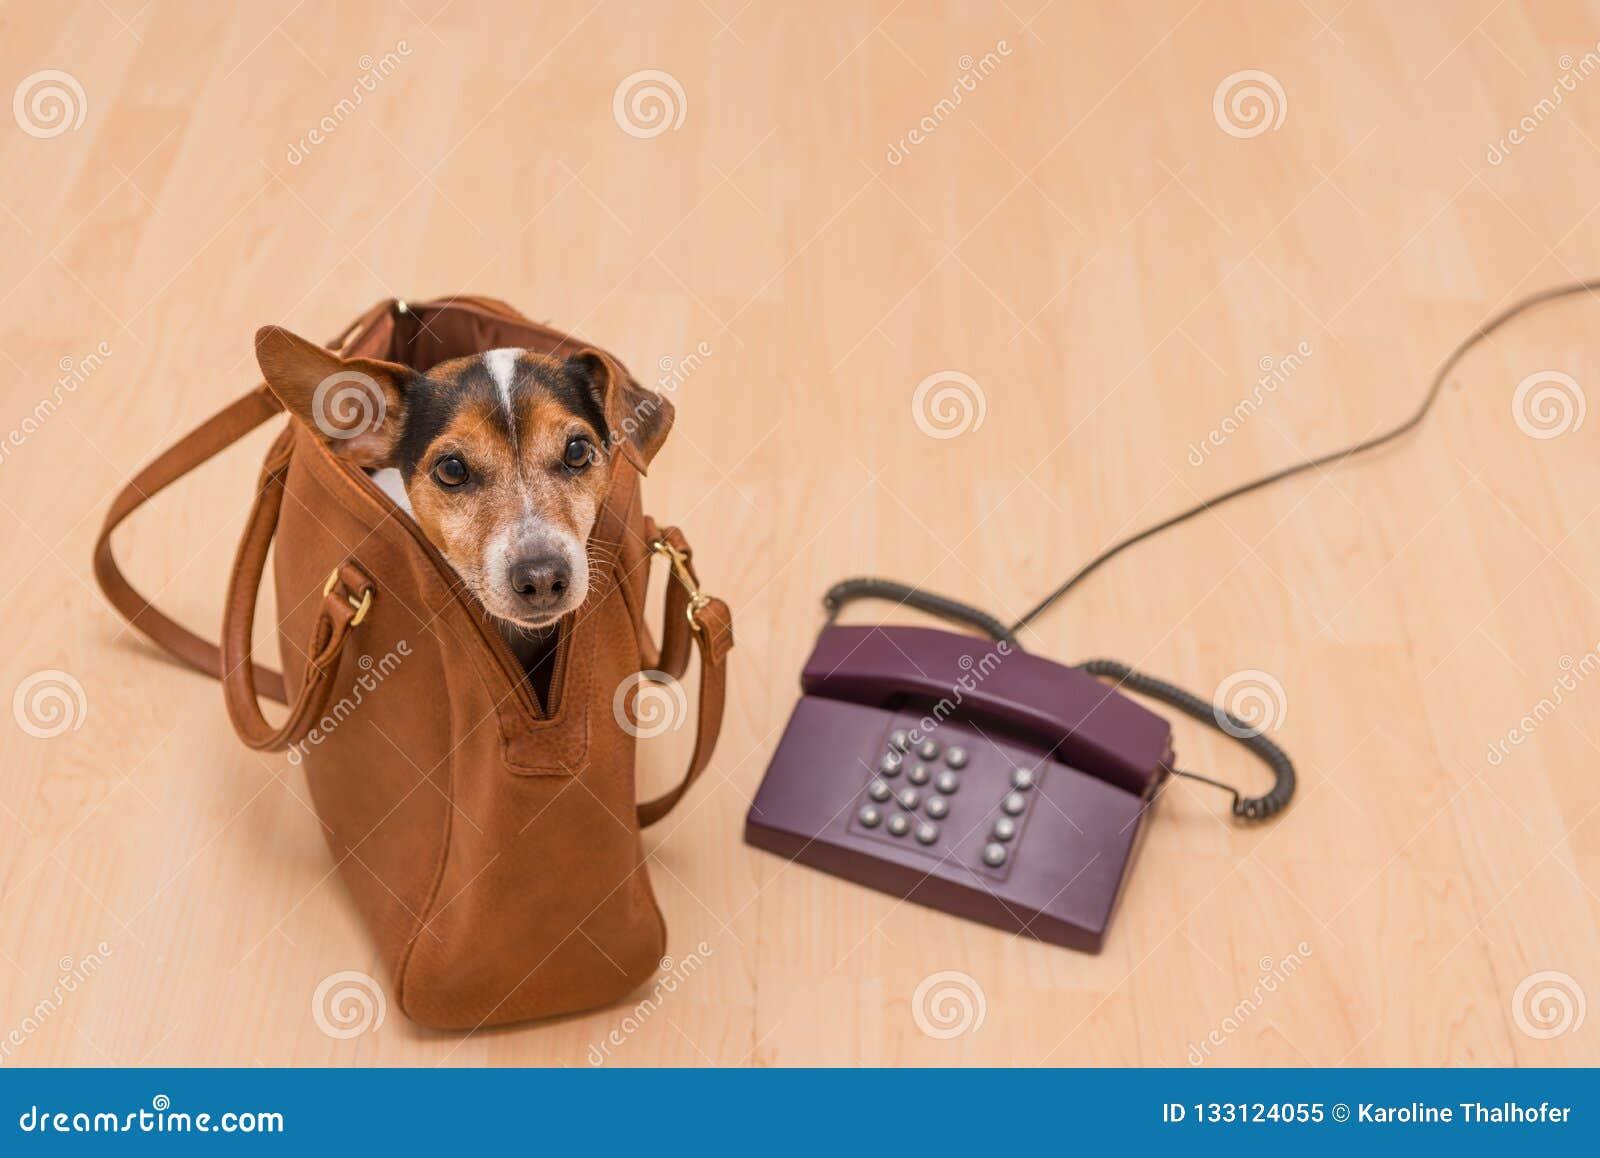 Chien et téléphone prêts pour la communication